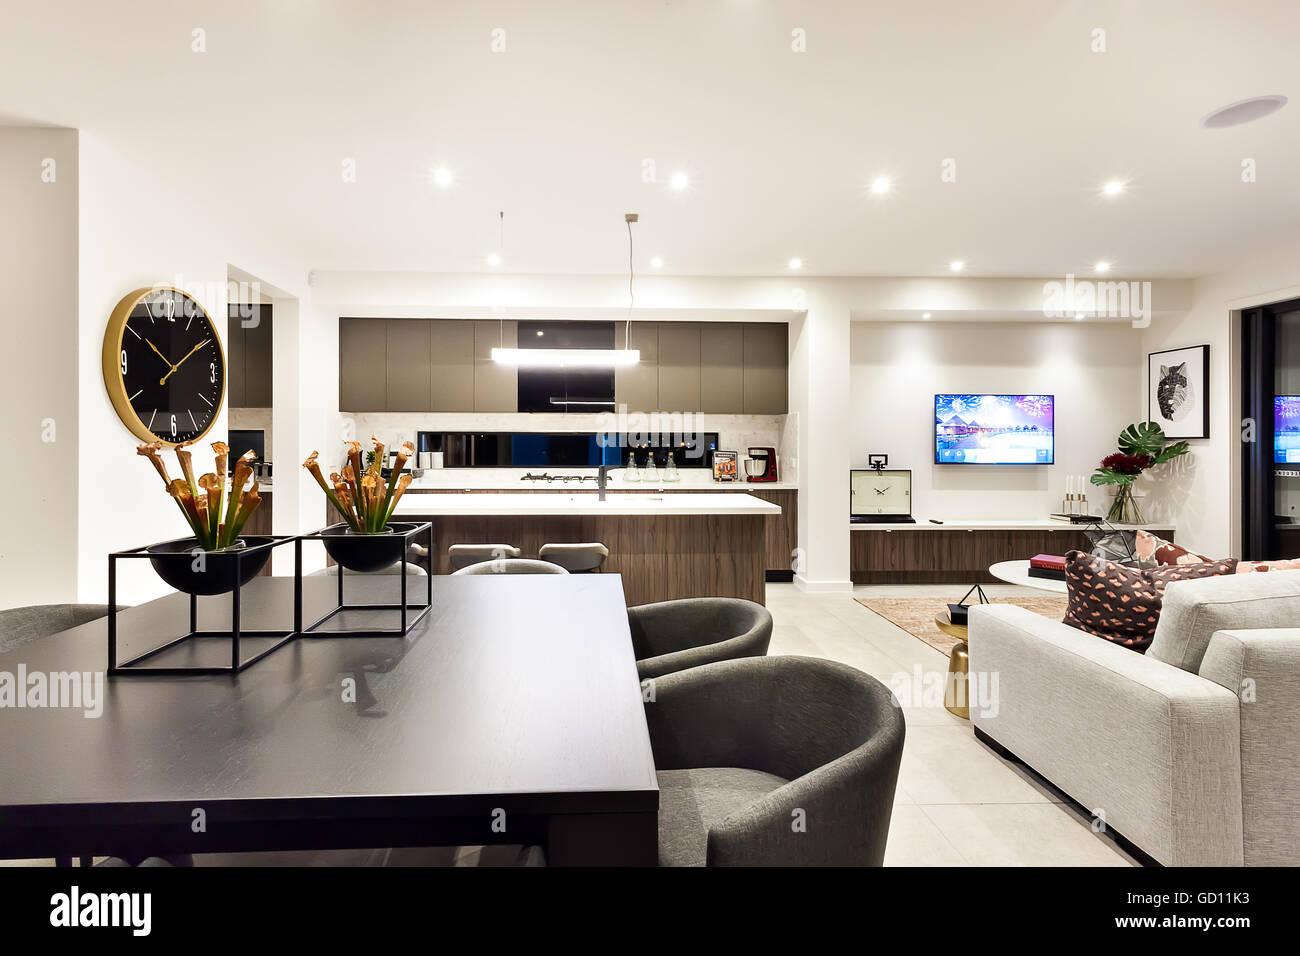 Modernes Wohnzimmer Mit Einem Fernseher Neben Essen Und Küche, Esstisch Hat  Kreative Und Ausgefallene Pflanzen Gemacht.